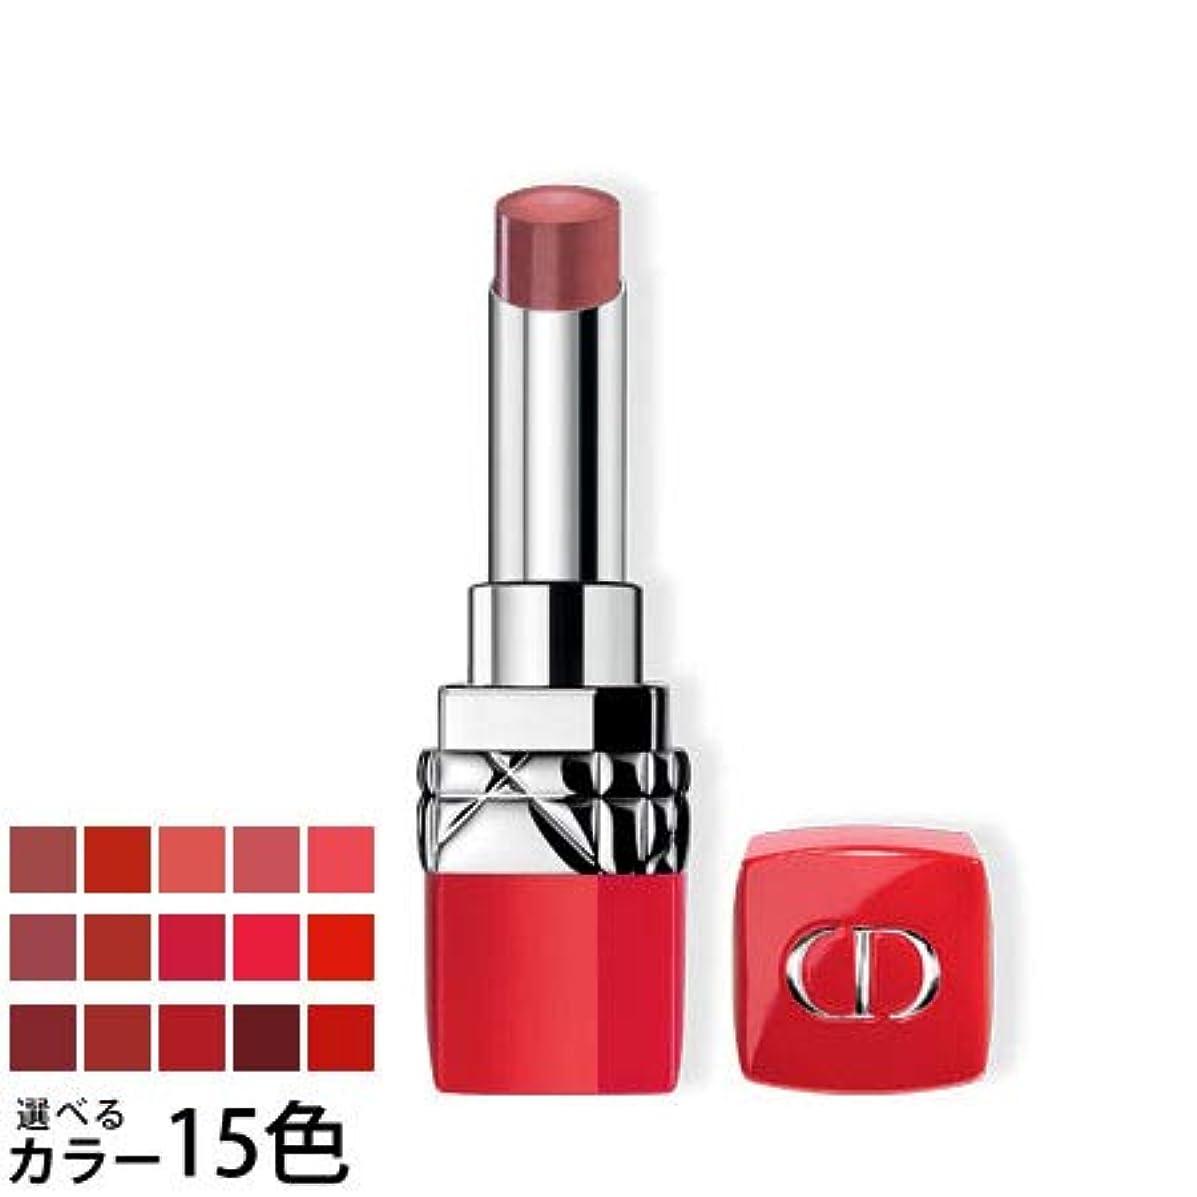 不忠論争ボアディオール ルージュ ディオール ウルトラ ルージュ 選べる15色 -Dior- 555